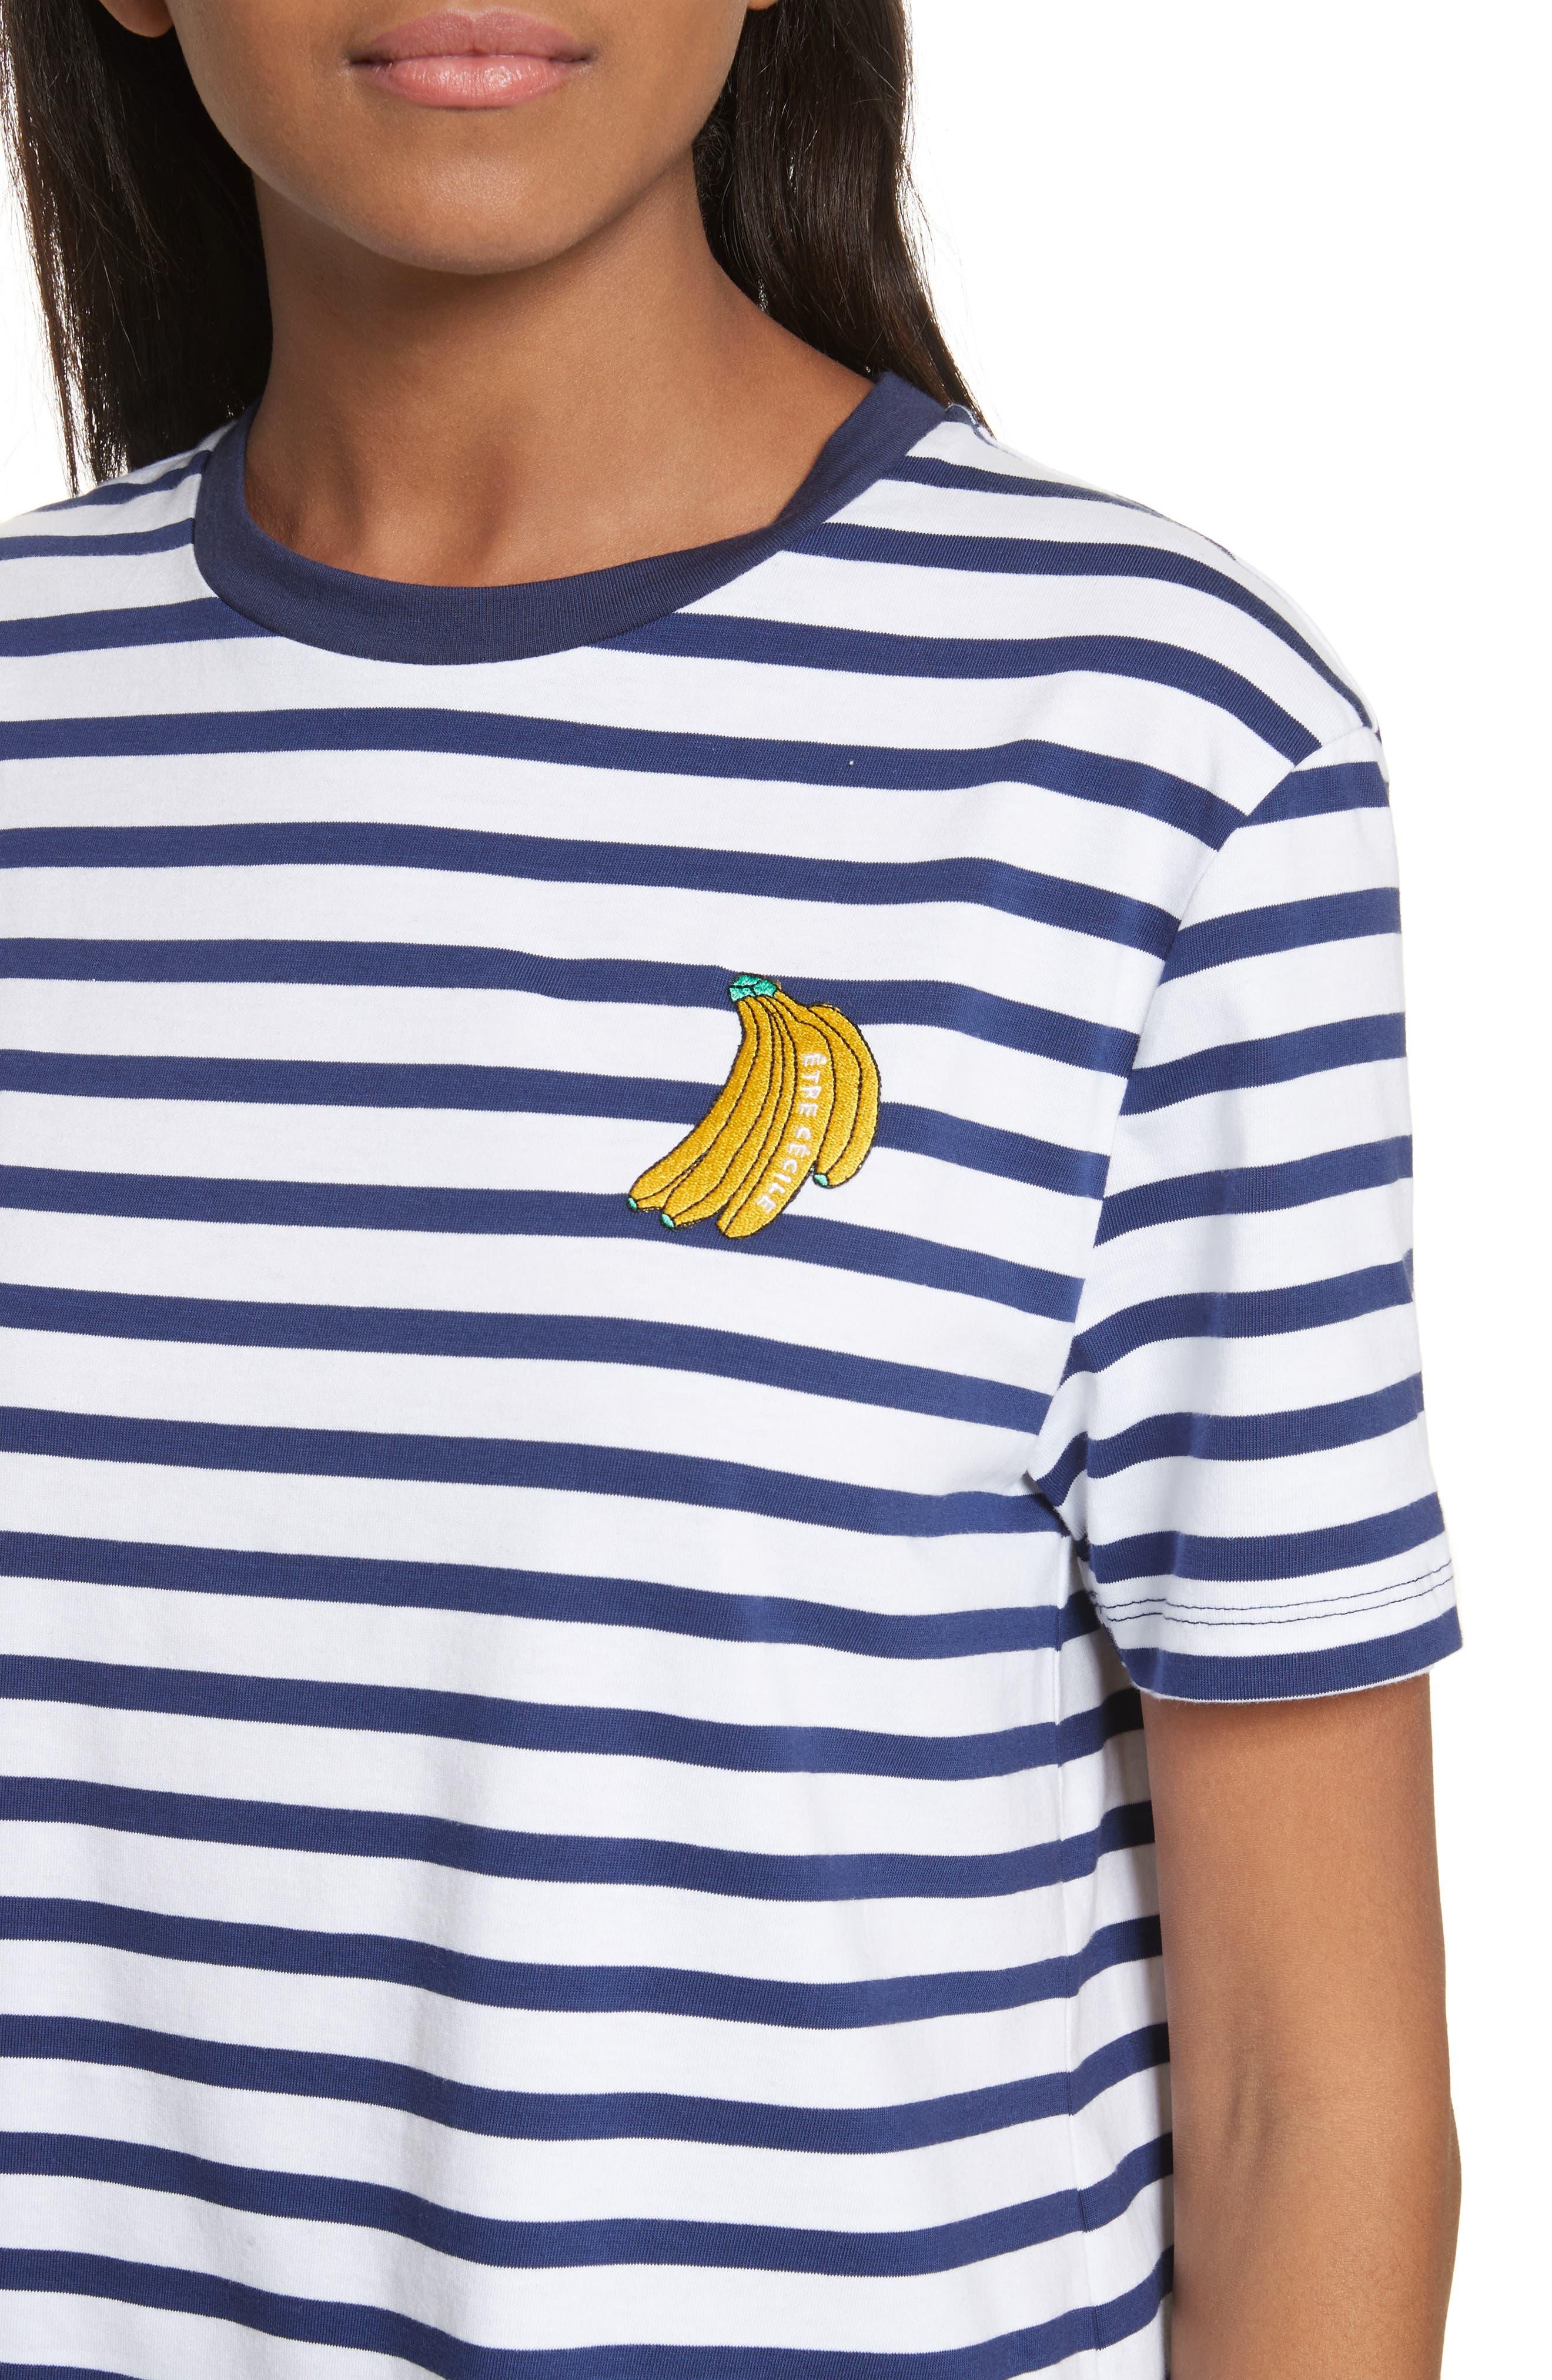 être cécile Bananas Tee,                             Alternate thumbnail 4, color,                             400